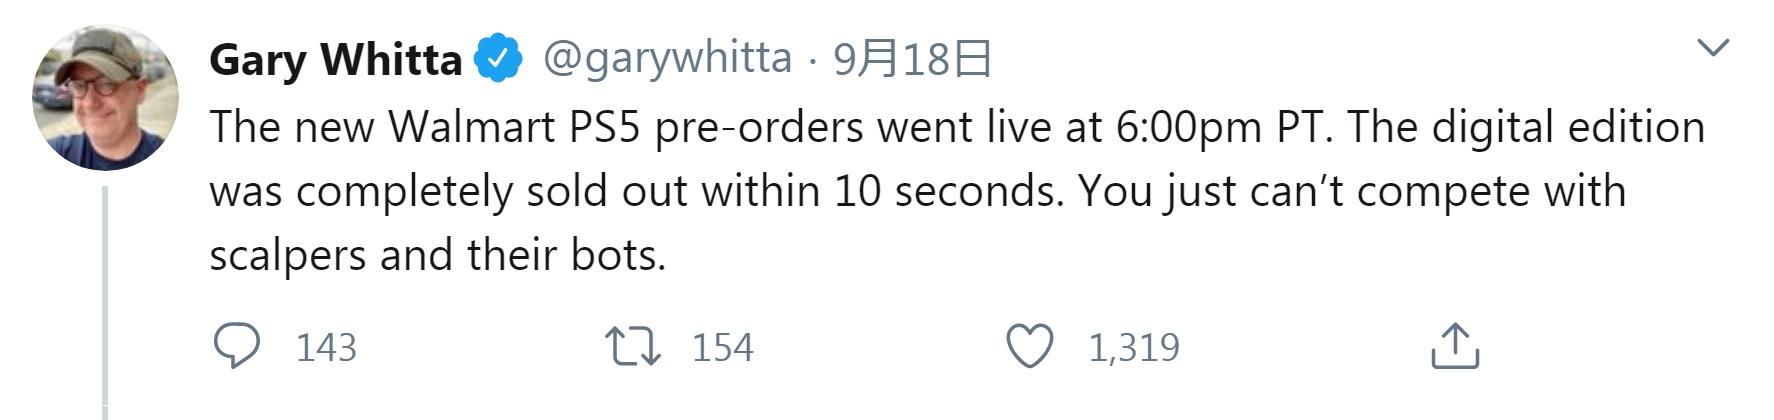 8eLRt37 - 【速報】米国、PS5が全米で販売開始、人が殺到して9秒で完売し炎上